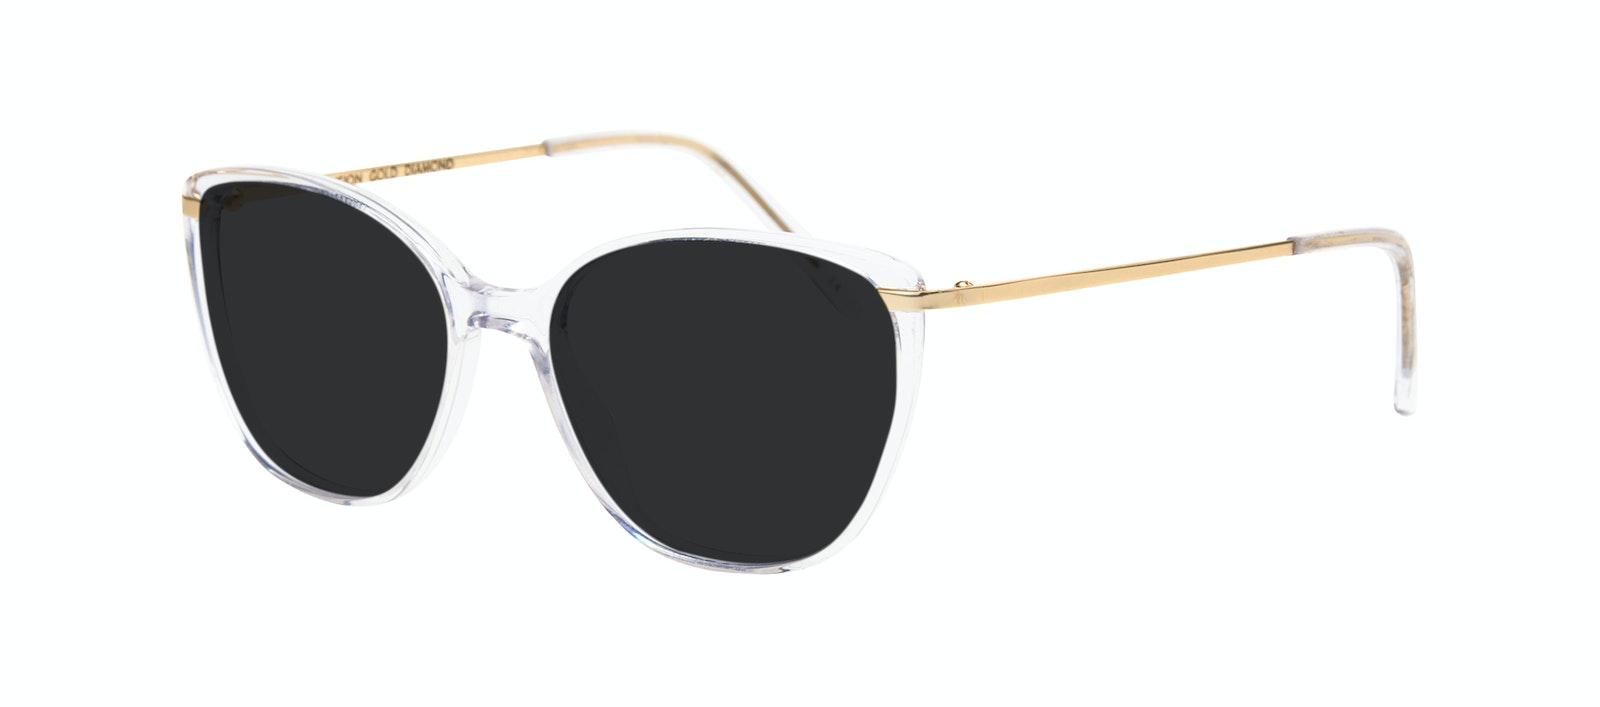 Affordable Fashion Glasses Rectangle Square Sunglasses Women Illusion Gold Diamond Tilt